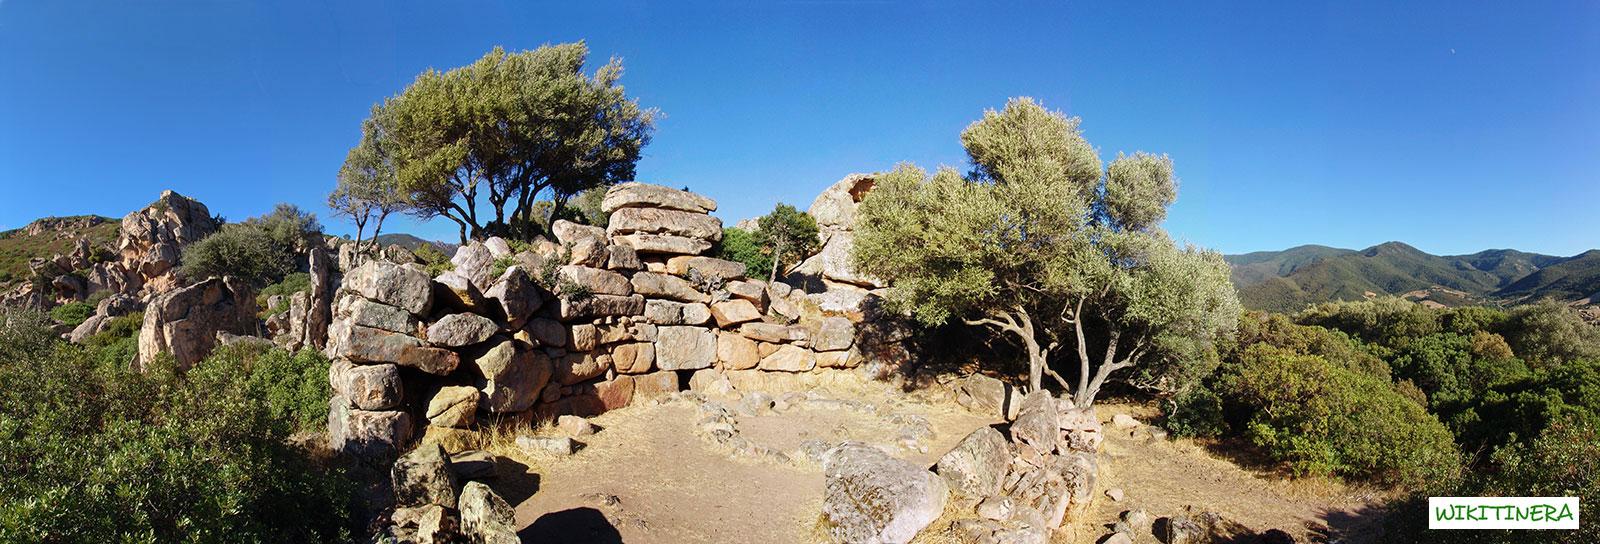 Tomba dei Giganti Barrancu Mannu